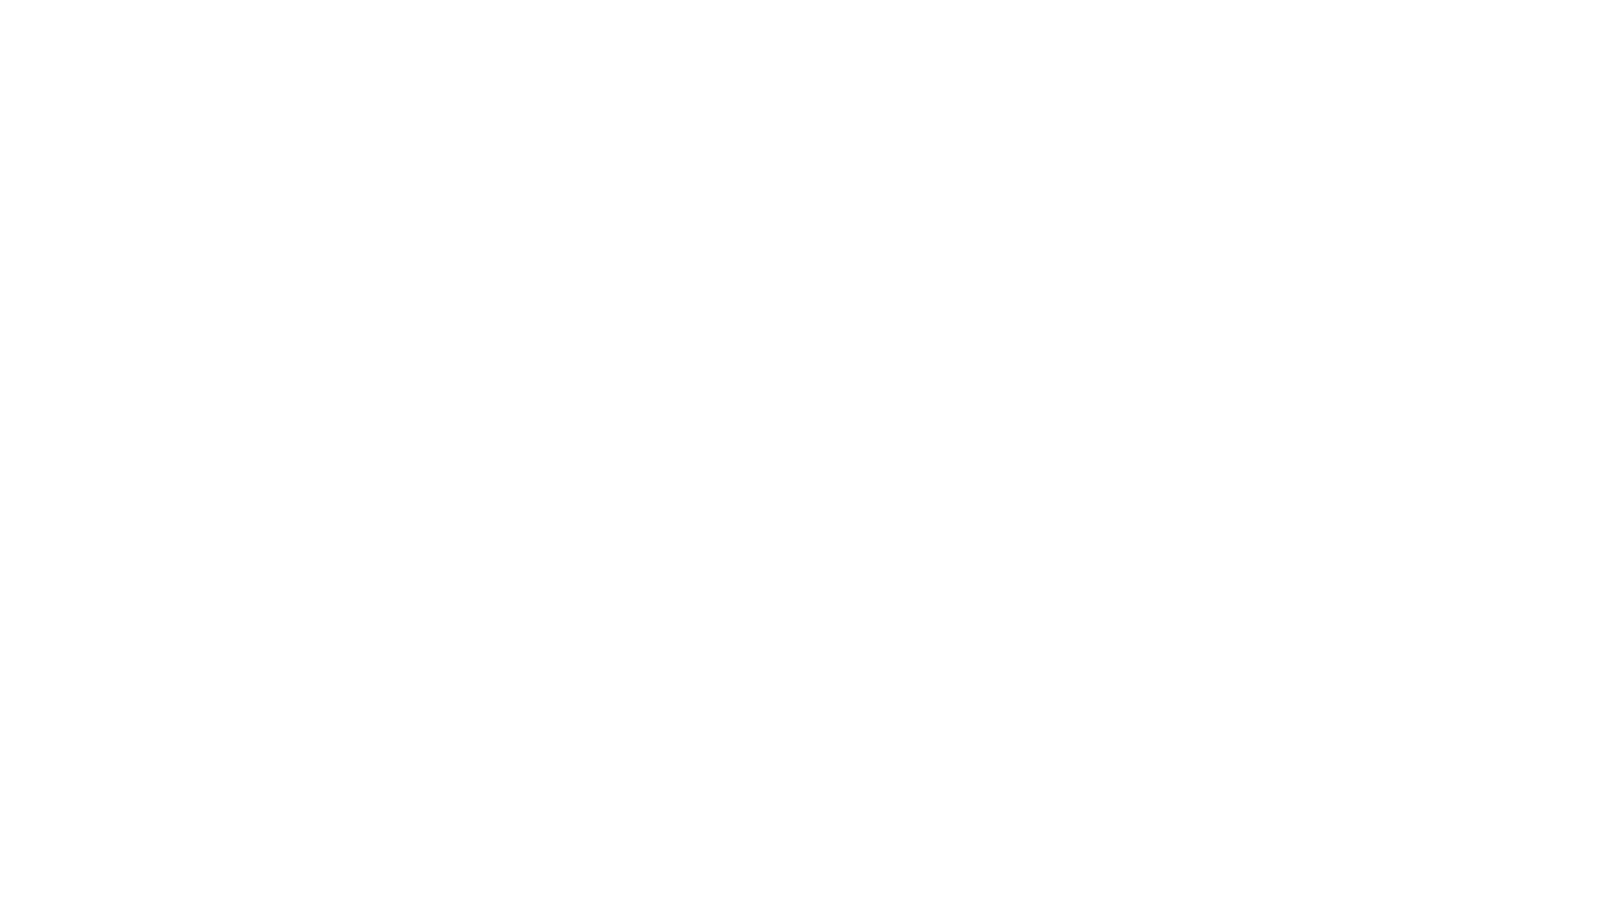 """"""" نؤكد انخراطنا الكامل في مشروع المؤسسة، وسنعمل كل ما بوسعنا لإنجاحه سواء في #كوت_ديفوار أو باقي البلدان الإفريقية """" - الإمام #عثمان_جاكيتي رئيس المجلس الأعلى للأئمة والمساجد والشؤون الإسلامية بكوت ديفوار  """" Nous adhérons totalement au #projet de la #Fondation Mohammed VI et nous ferons Inchae'Allah tout ce qui est en notre possibilité pour que le projet soit un succès en Côte d'Ivoire et dans les autres pays. """" – Imam #Ousmane_Diakité, président du Conseil Supérieur des Imams et des Affaires Islamiques en Côte d'Ivoire  """" We totally adhere to the #project of the #Mohammed_VI_Foundation and we will do Inshae'Allah our best to make the project a successful one in Côte d'Ivoire and in other #african countries. """" - Imam Ousmane Diakité, president of the Supreme Council of Imams, Mosques and Islamic Affairs in Côte d'Ivoire  زوروا موقعنا الإلكتروني : https://www.fm6oa.org   تابعونا على فايسبوك  : https://facebook.com/fm6oaorg تابعونا على إنستغرام : https://instagram.com/fm6oaorg تابعونا على تويتر : https://twitter.com/fm6oaorg تابعونا على لينكد إن: https://linkedin.com/company/fm6oaorg"""